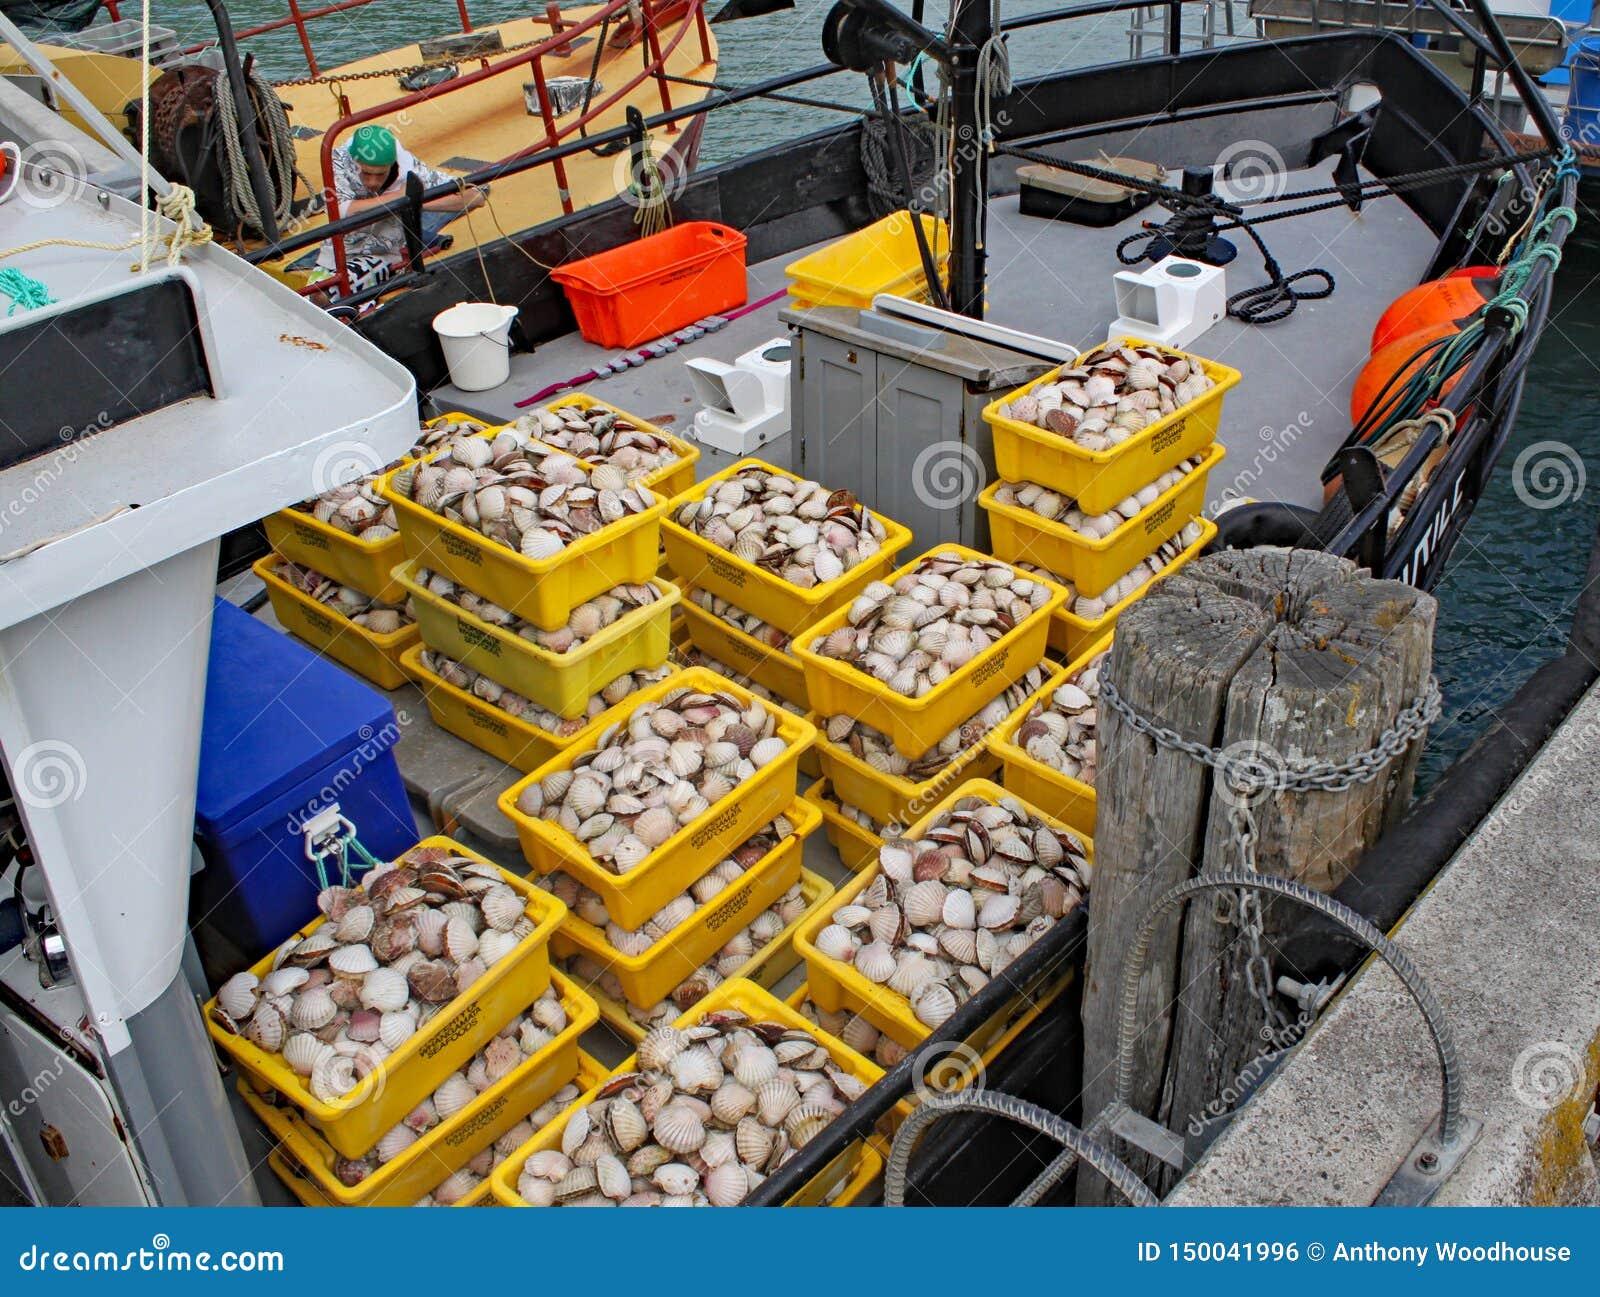 新近地捉住了海鲜被包装入黄色塑胶容器